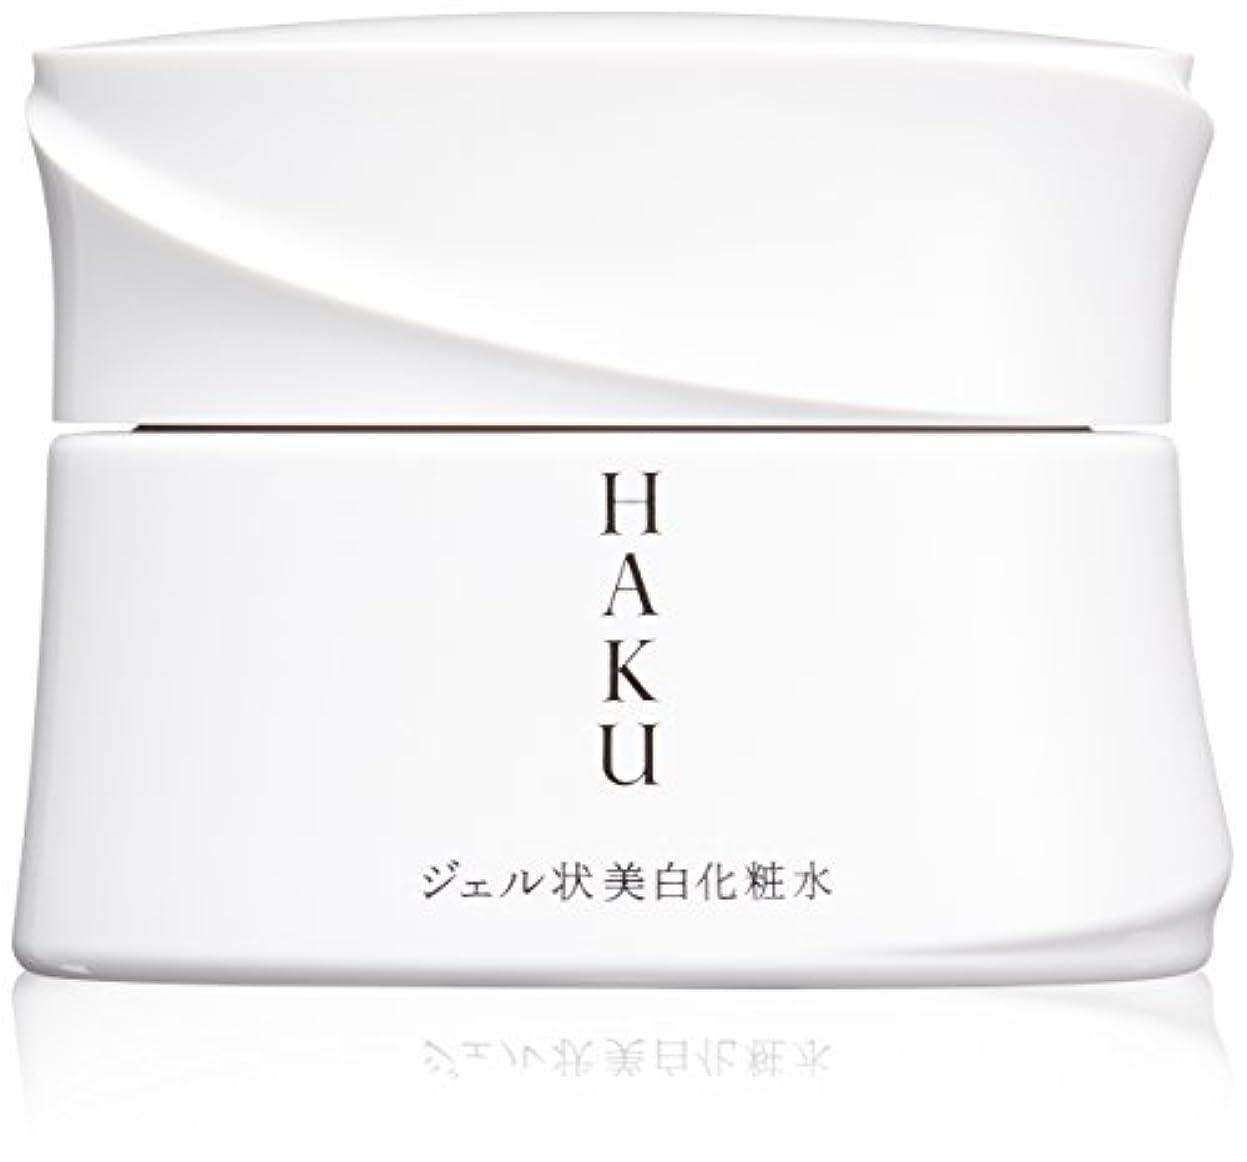 同種の振り向くセーブHAKU メラノディープモイスチャー 美白化粧水 100g 【医薬部外品】